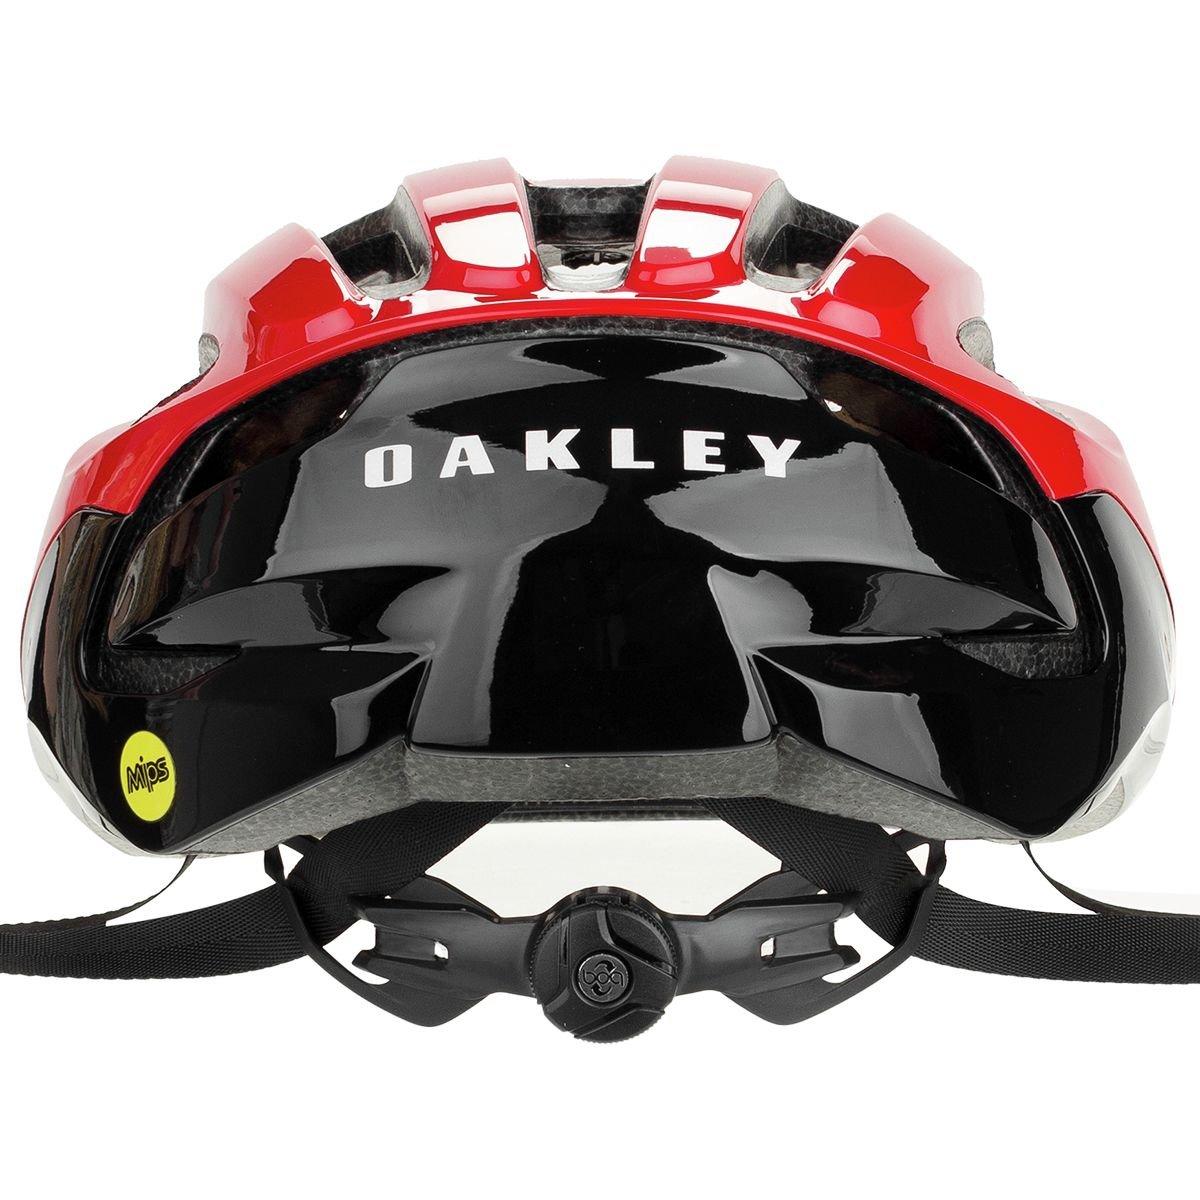 Oakley ARO3 - Casco de Bicicleta - Rojo/Negro Contorno de la Cabeza S 2018: Amazon.es: Deportes y aire libre